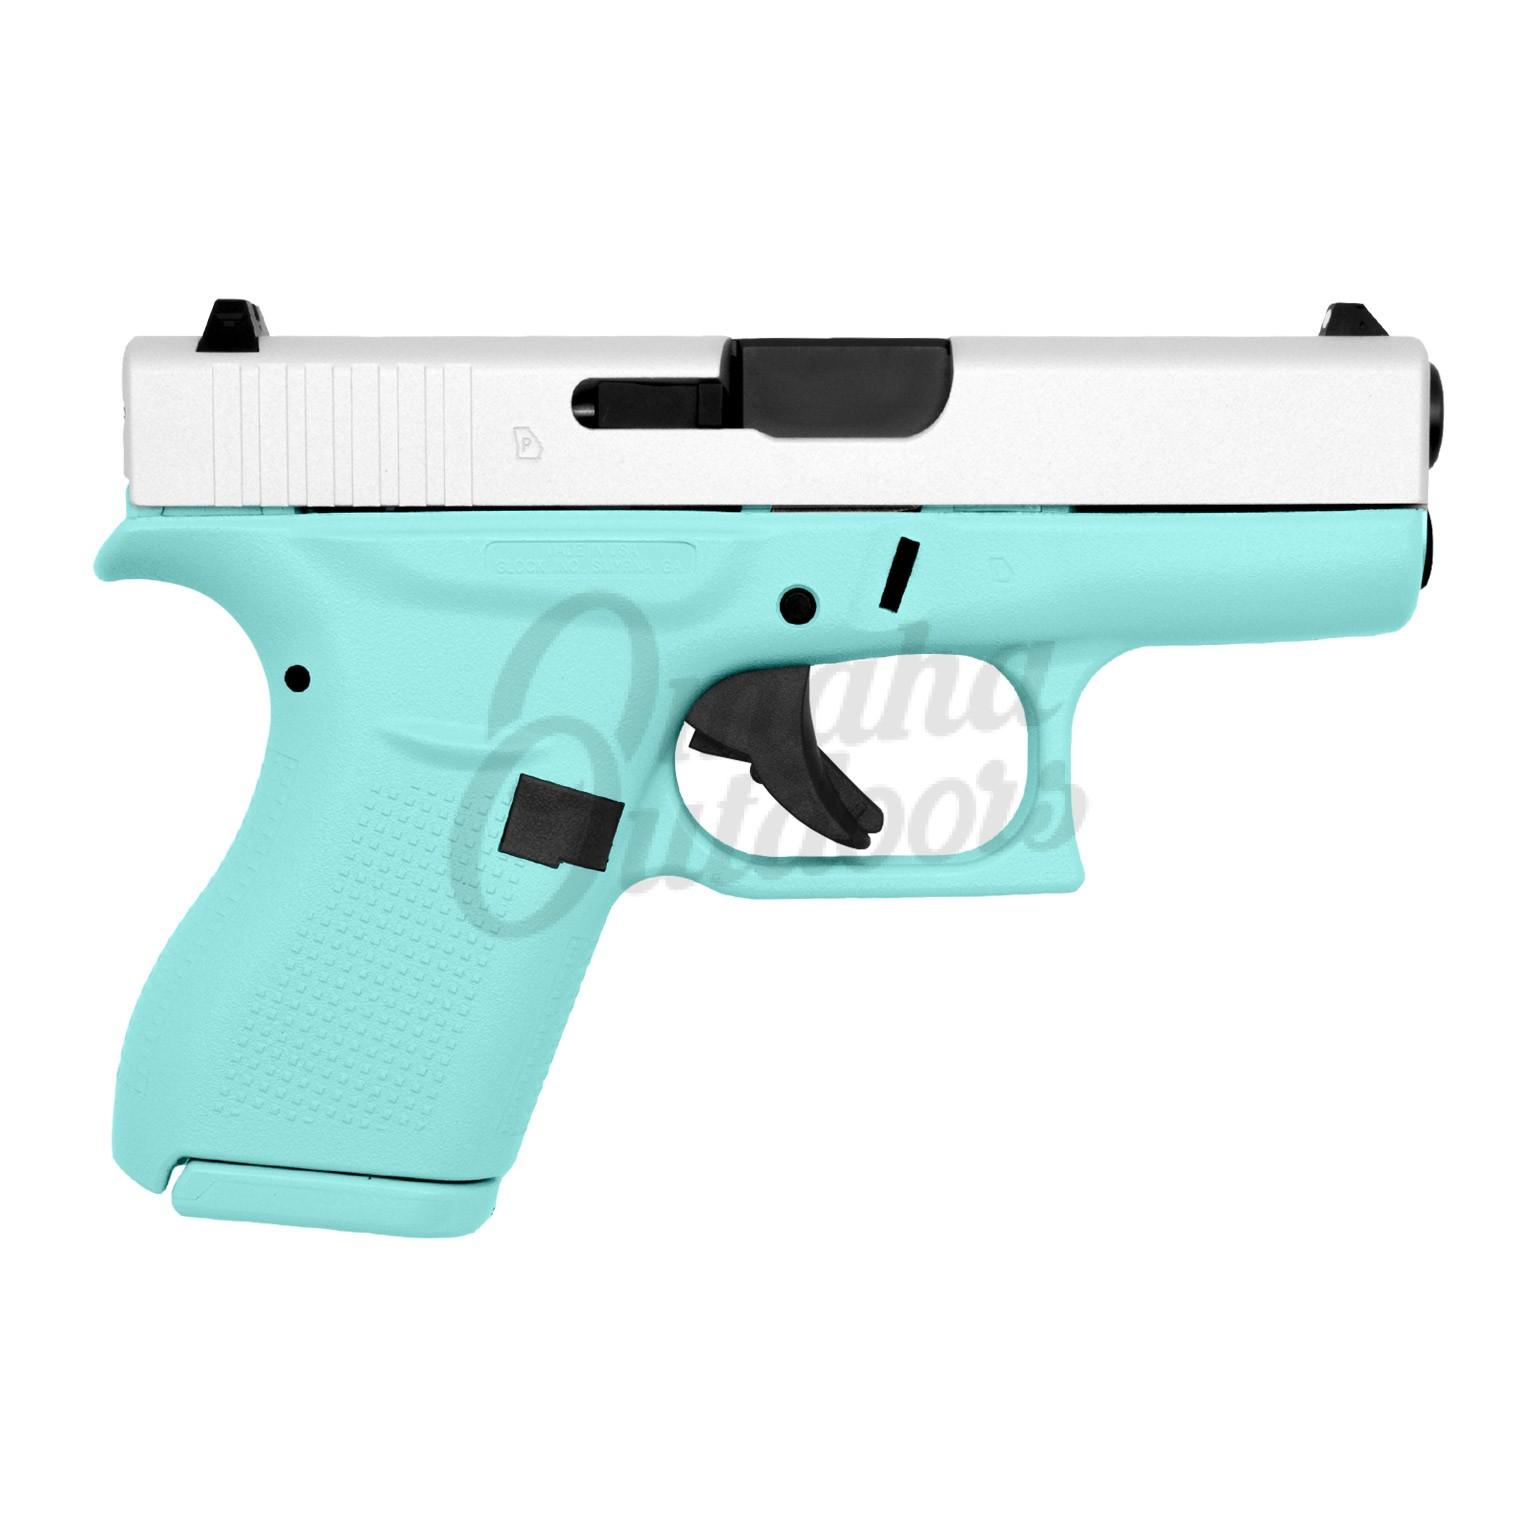 Glock 42 Vera Blue Pistol 380 ACP Satin Aluminum Slide 6 RD  UI4250201-VBL-FR-SAL-SL